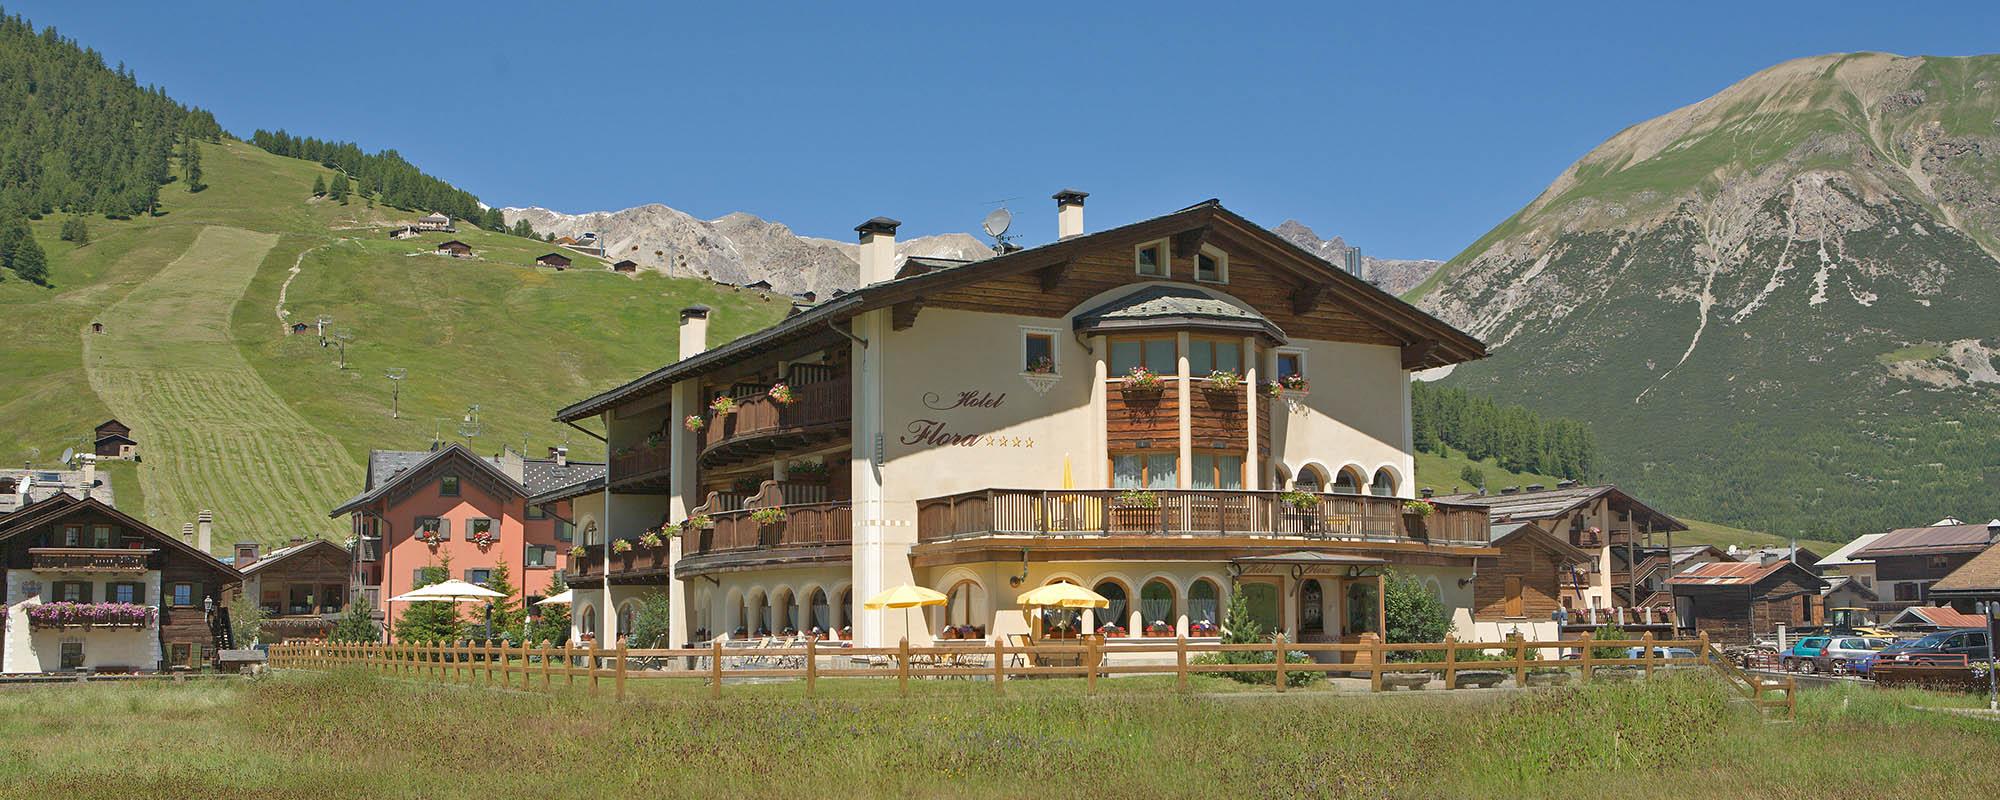 Hotel Flora - Hotel a 4 stelle nel centro di Livigno